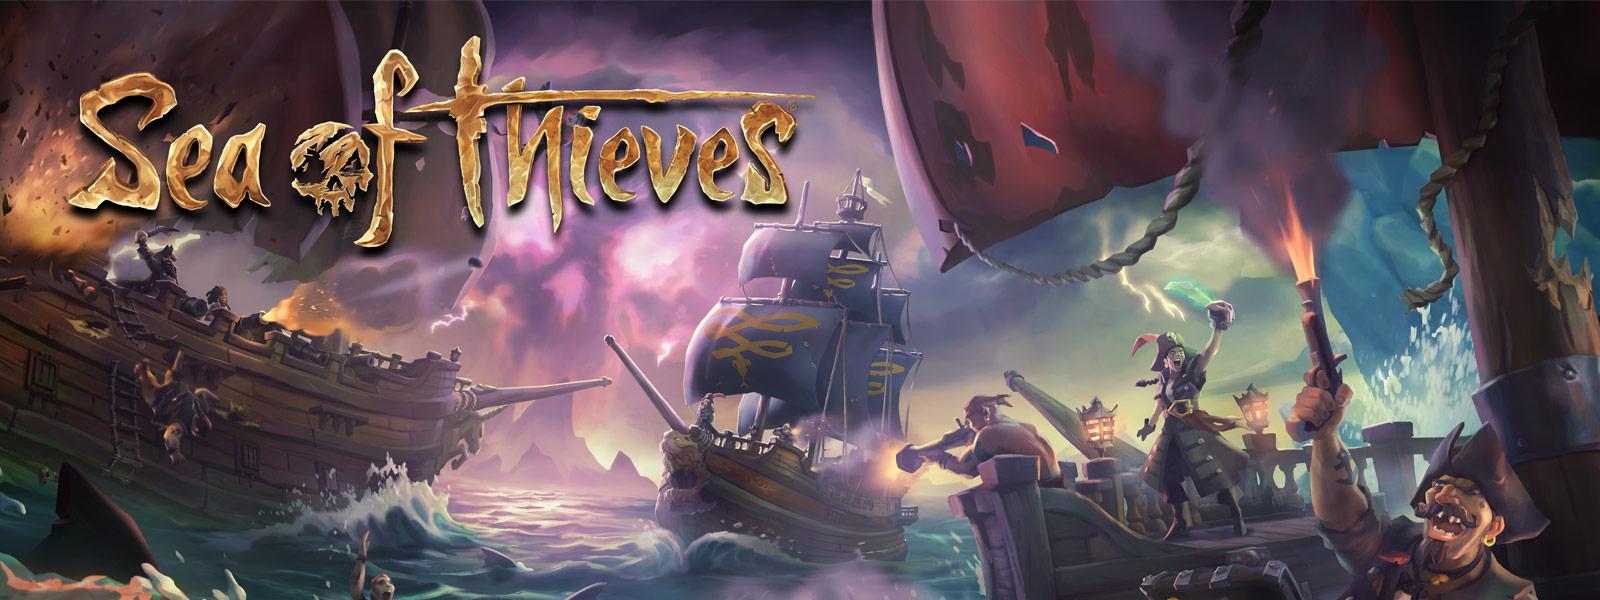 Sea of Thieves - 船隻與海上的另一艘船開戰